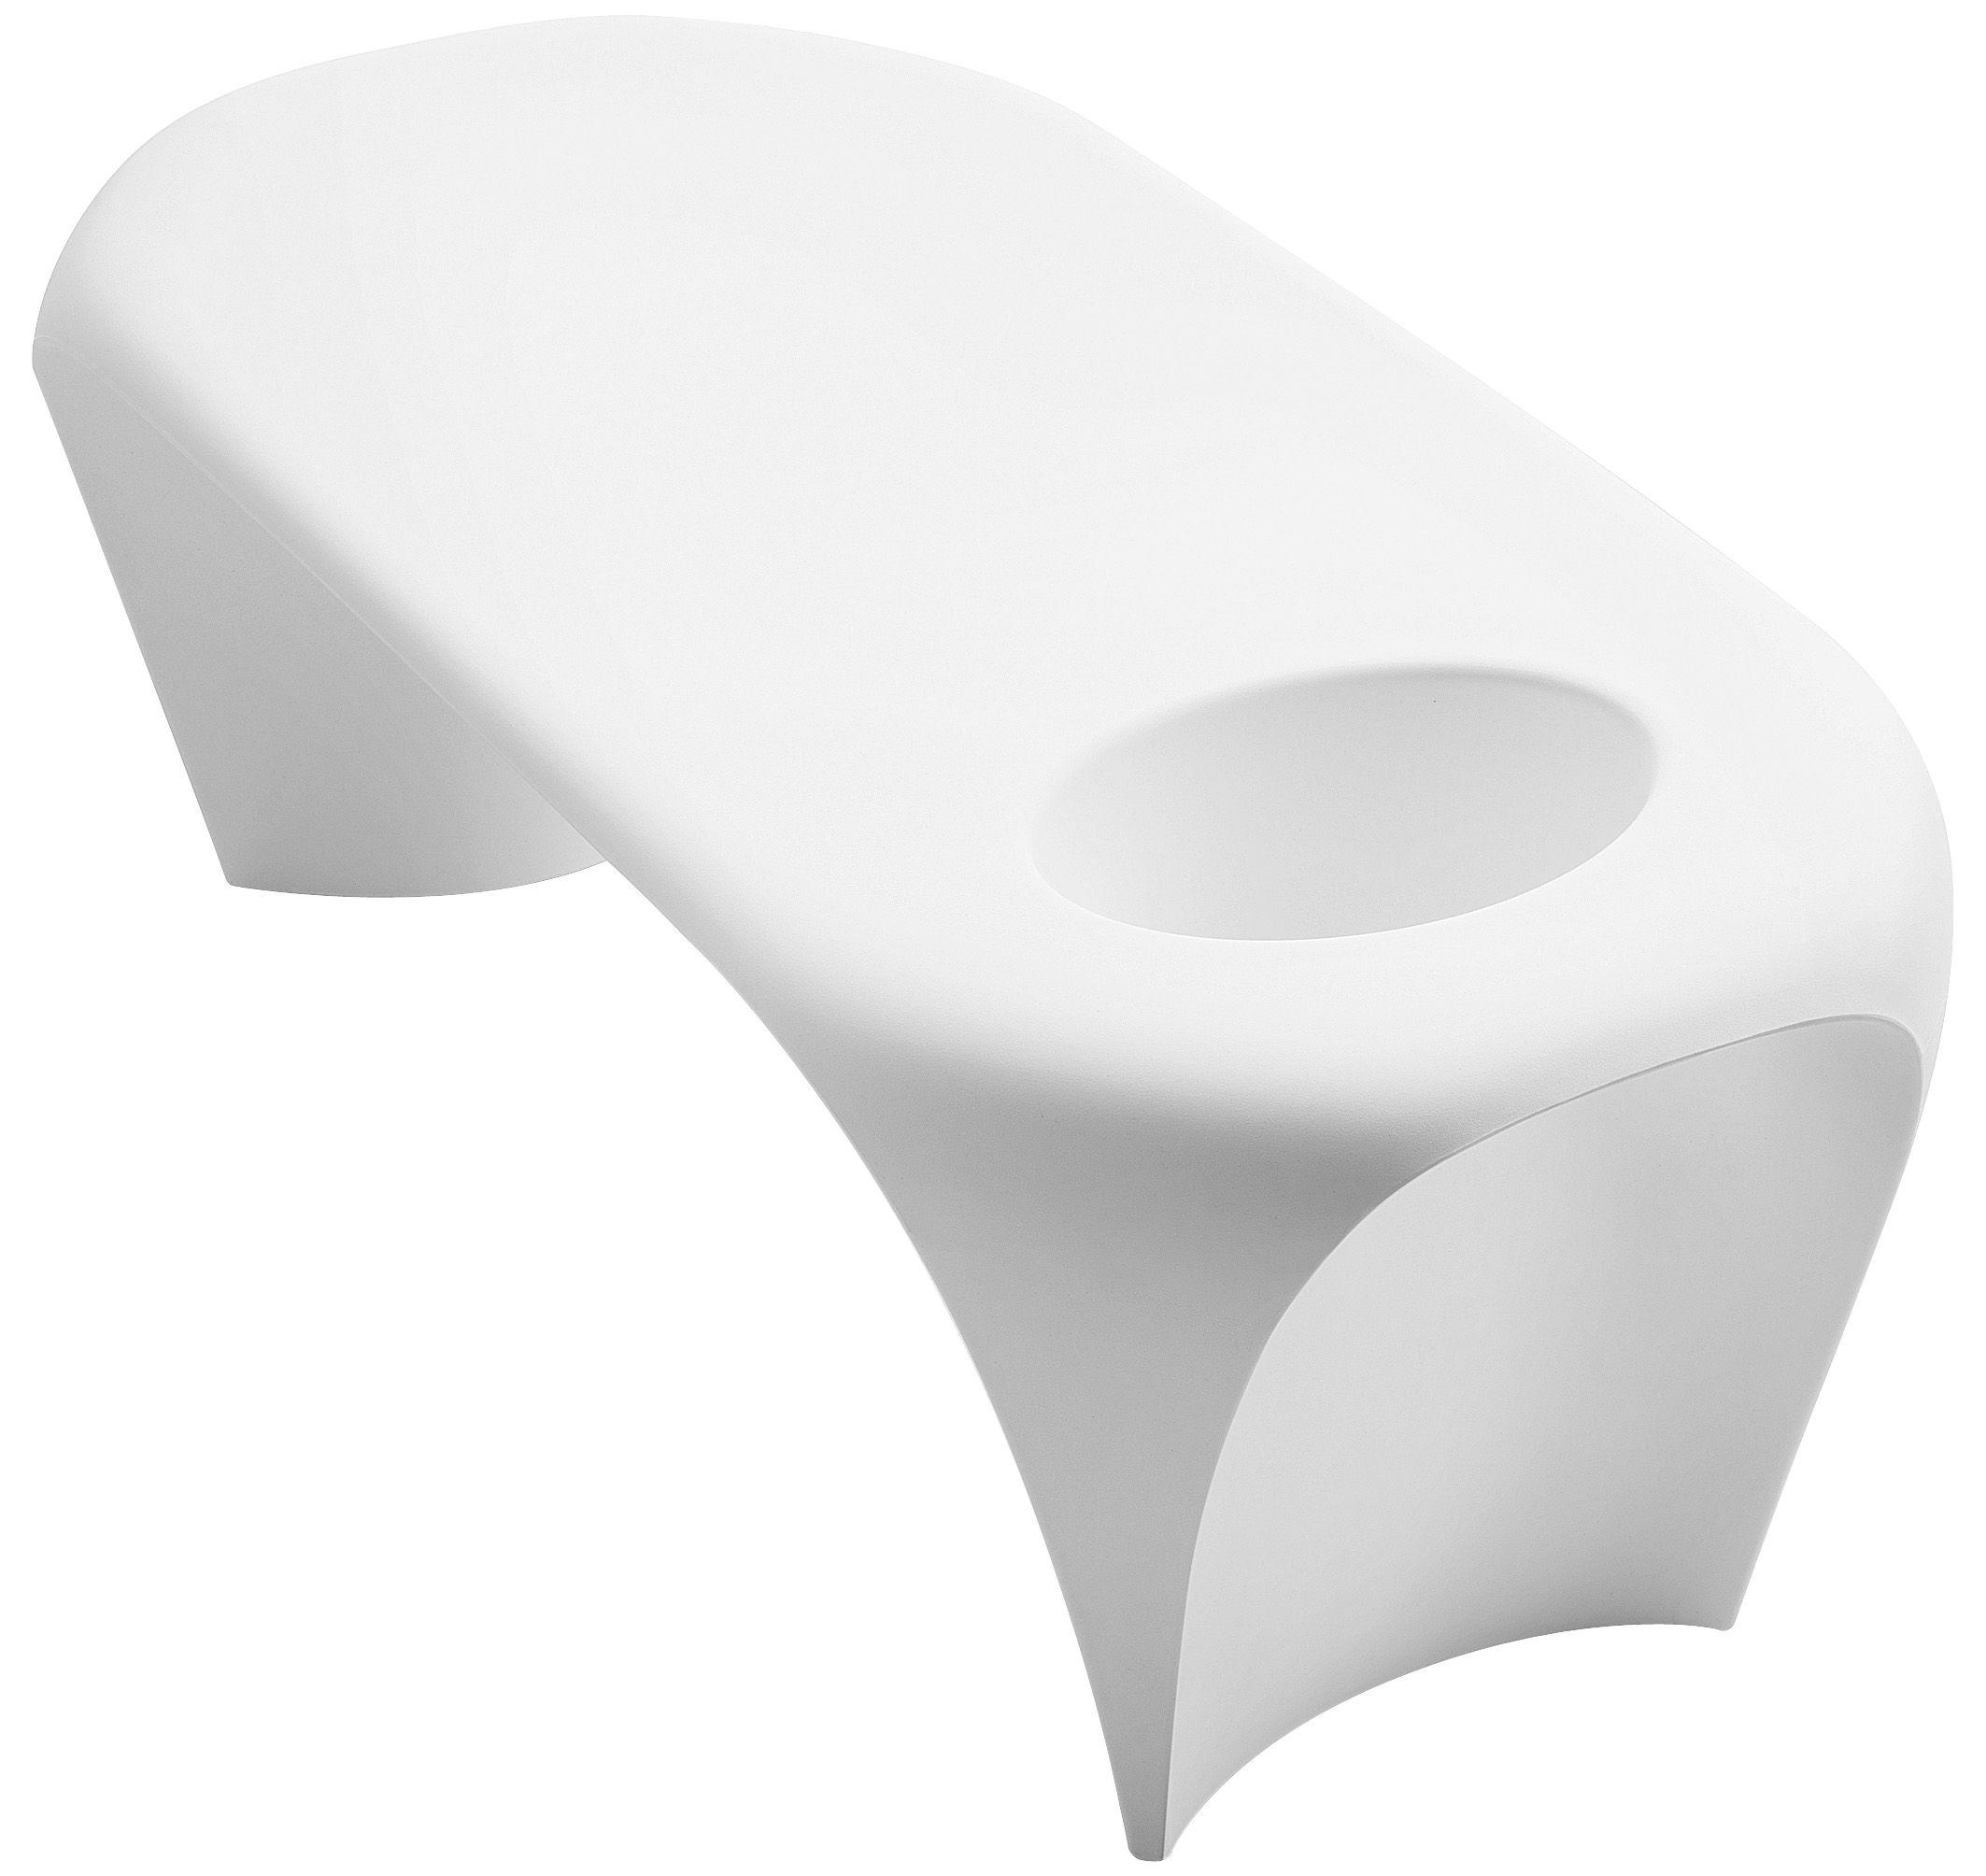 Arredamento - Tavolini  - Tavolino Lily - con portaghiaccio di MyYour - Bianco - Poleasy